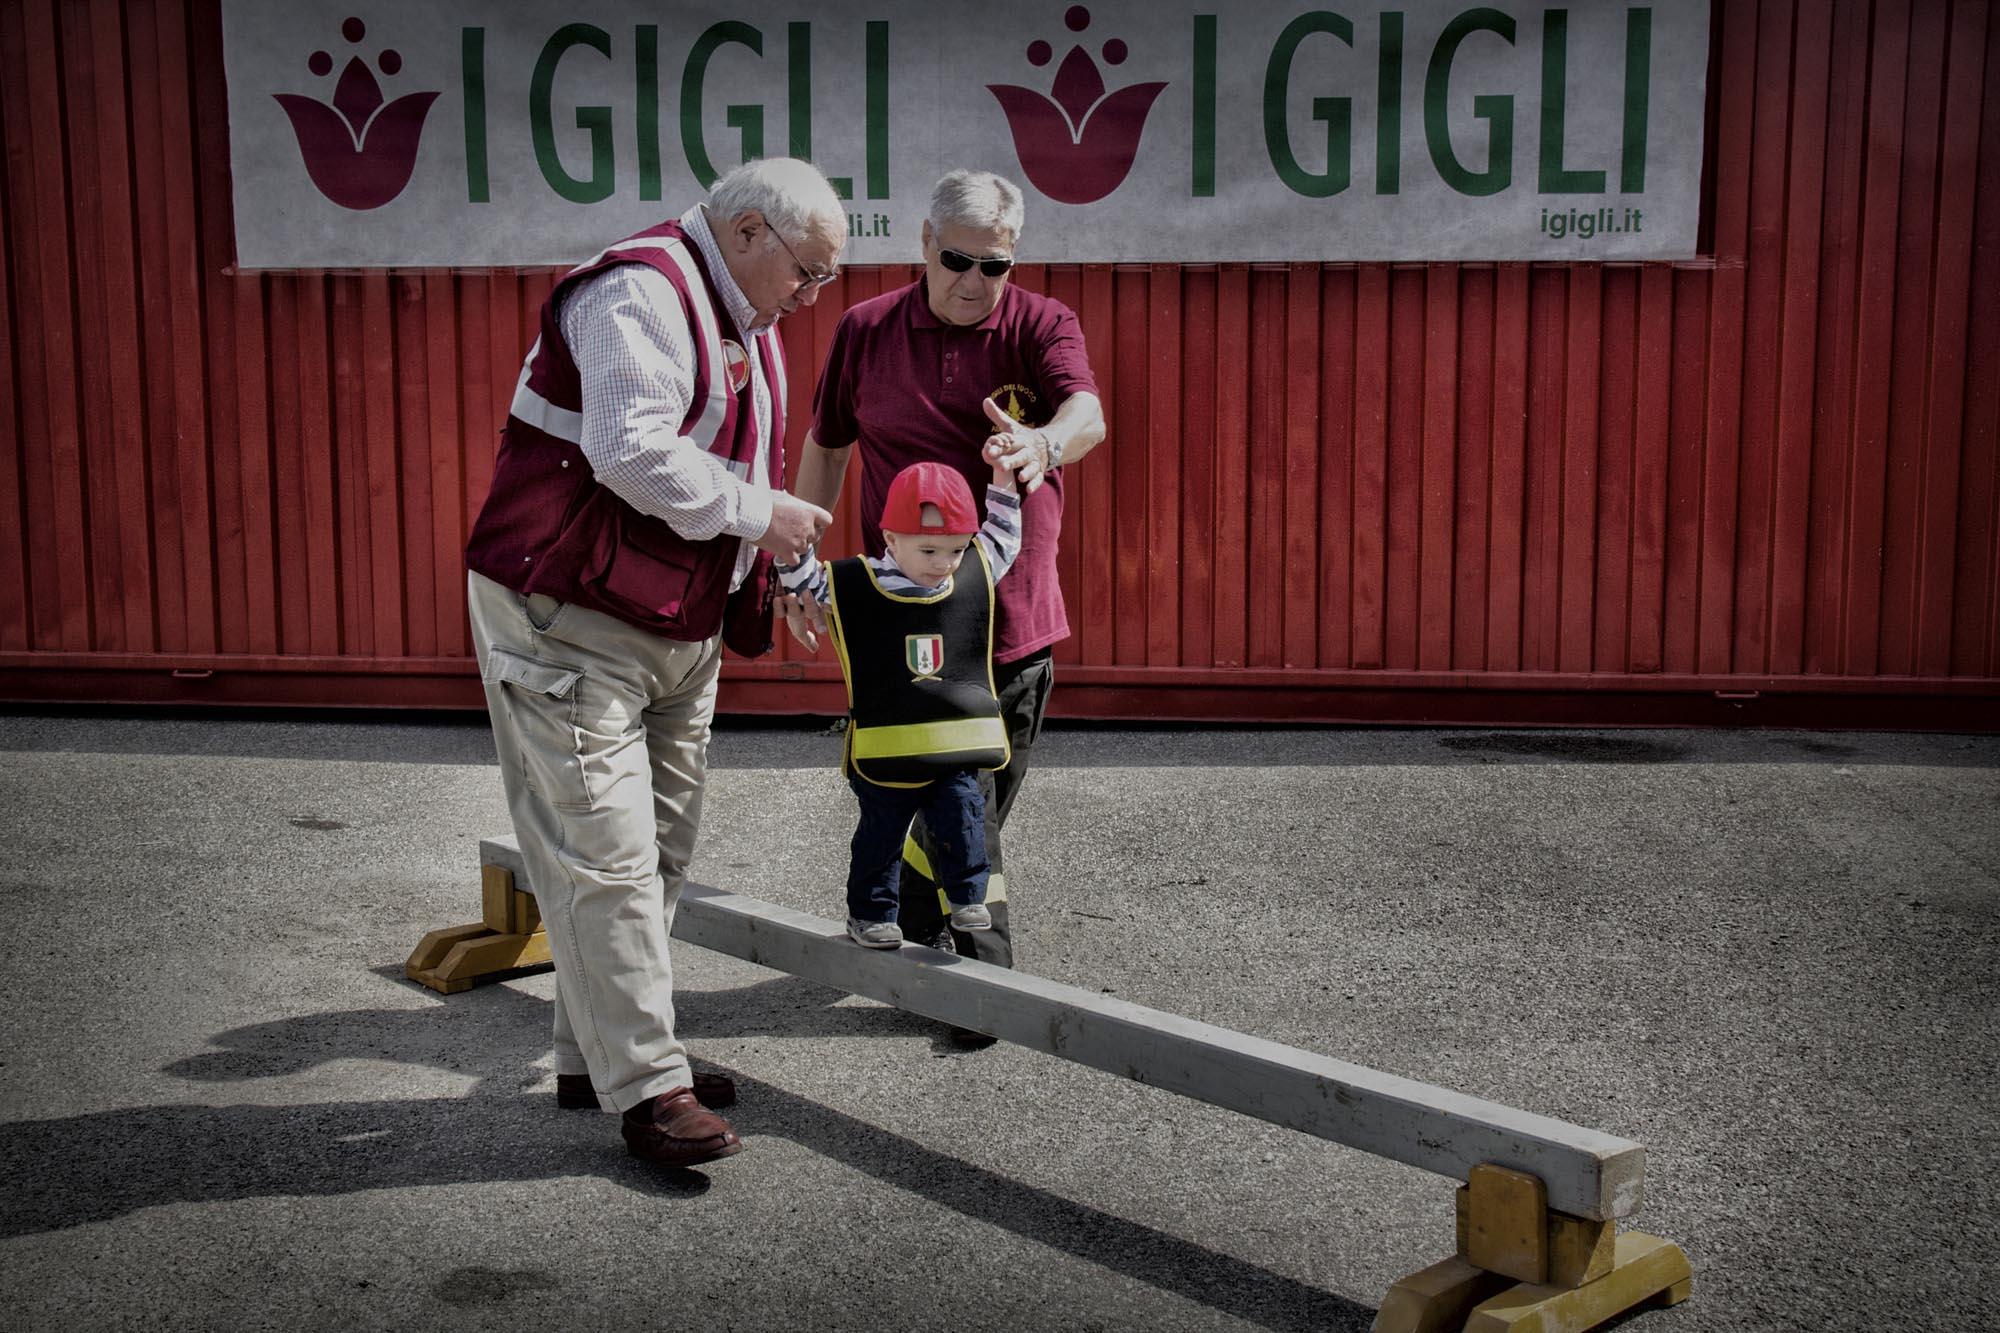 0029 pompieropoli esercitazioni bambini - Pompieropoli, esercitazione antincendio con i bambini